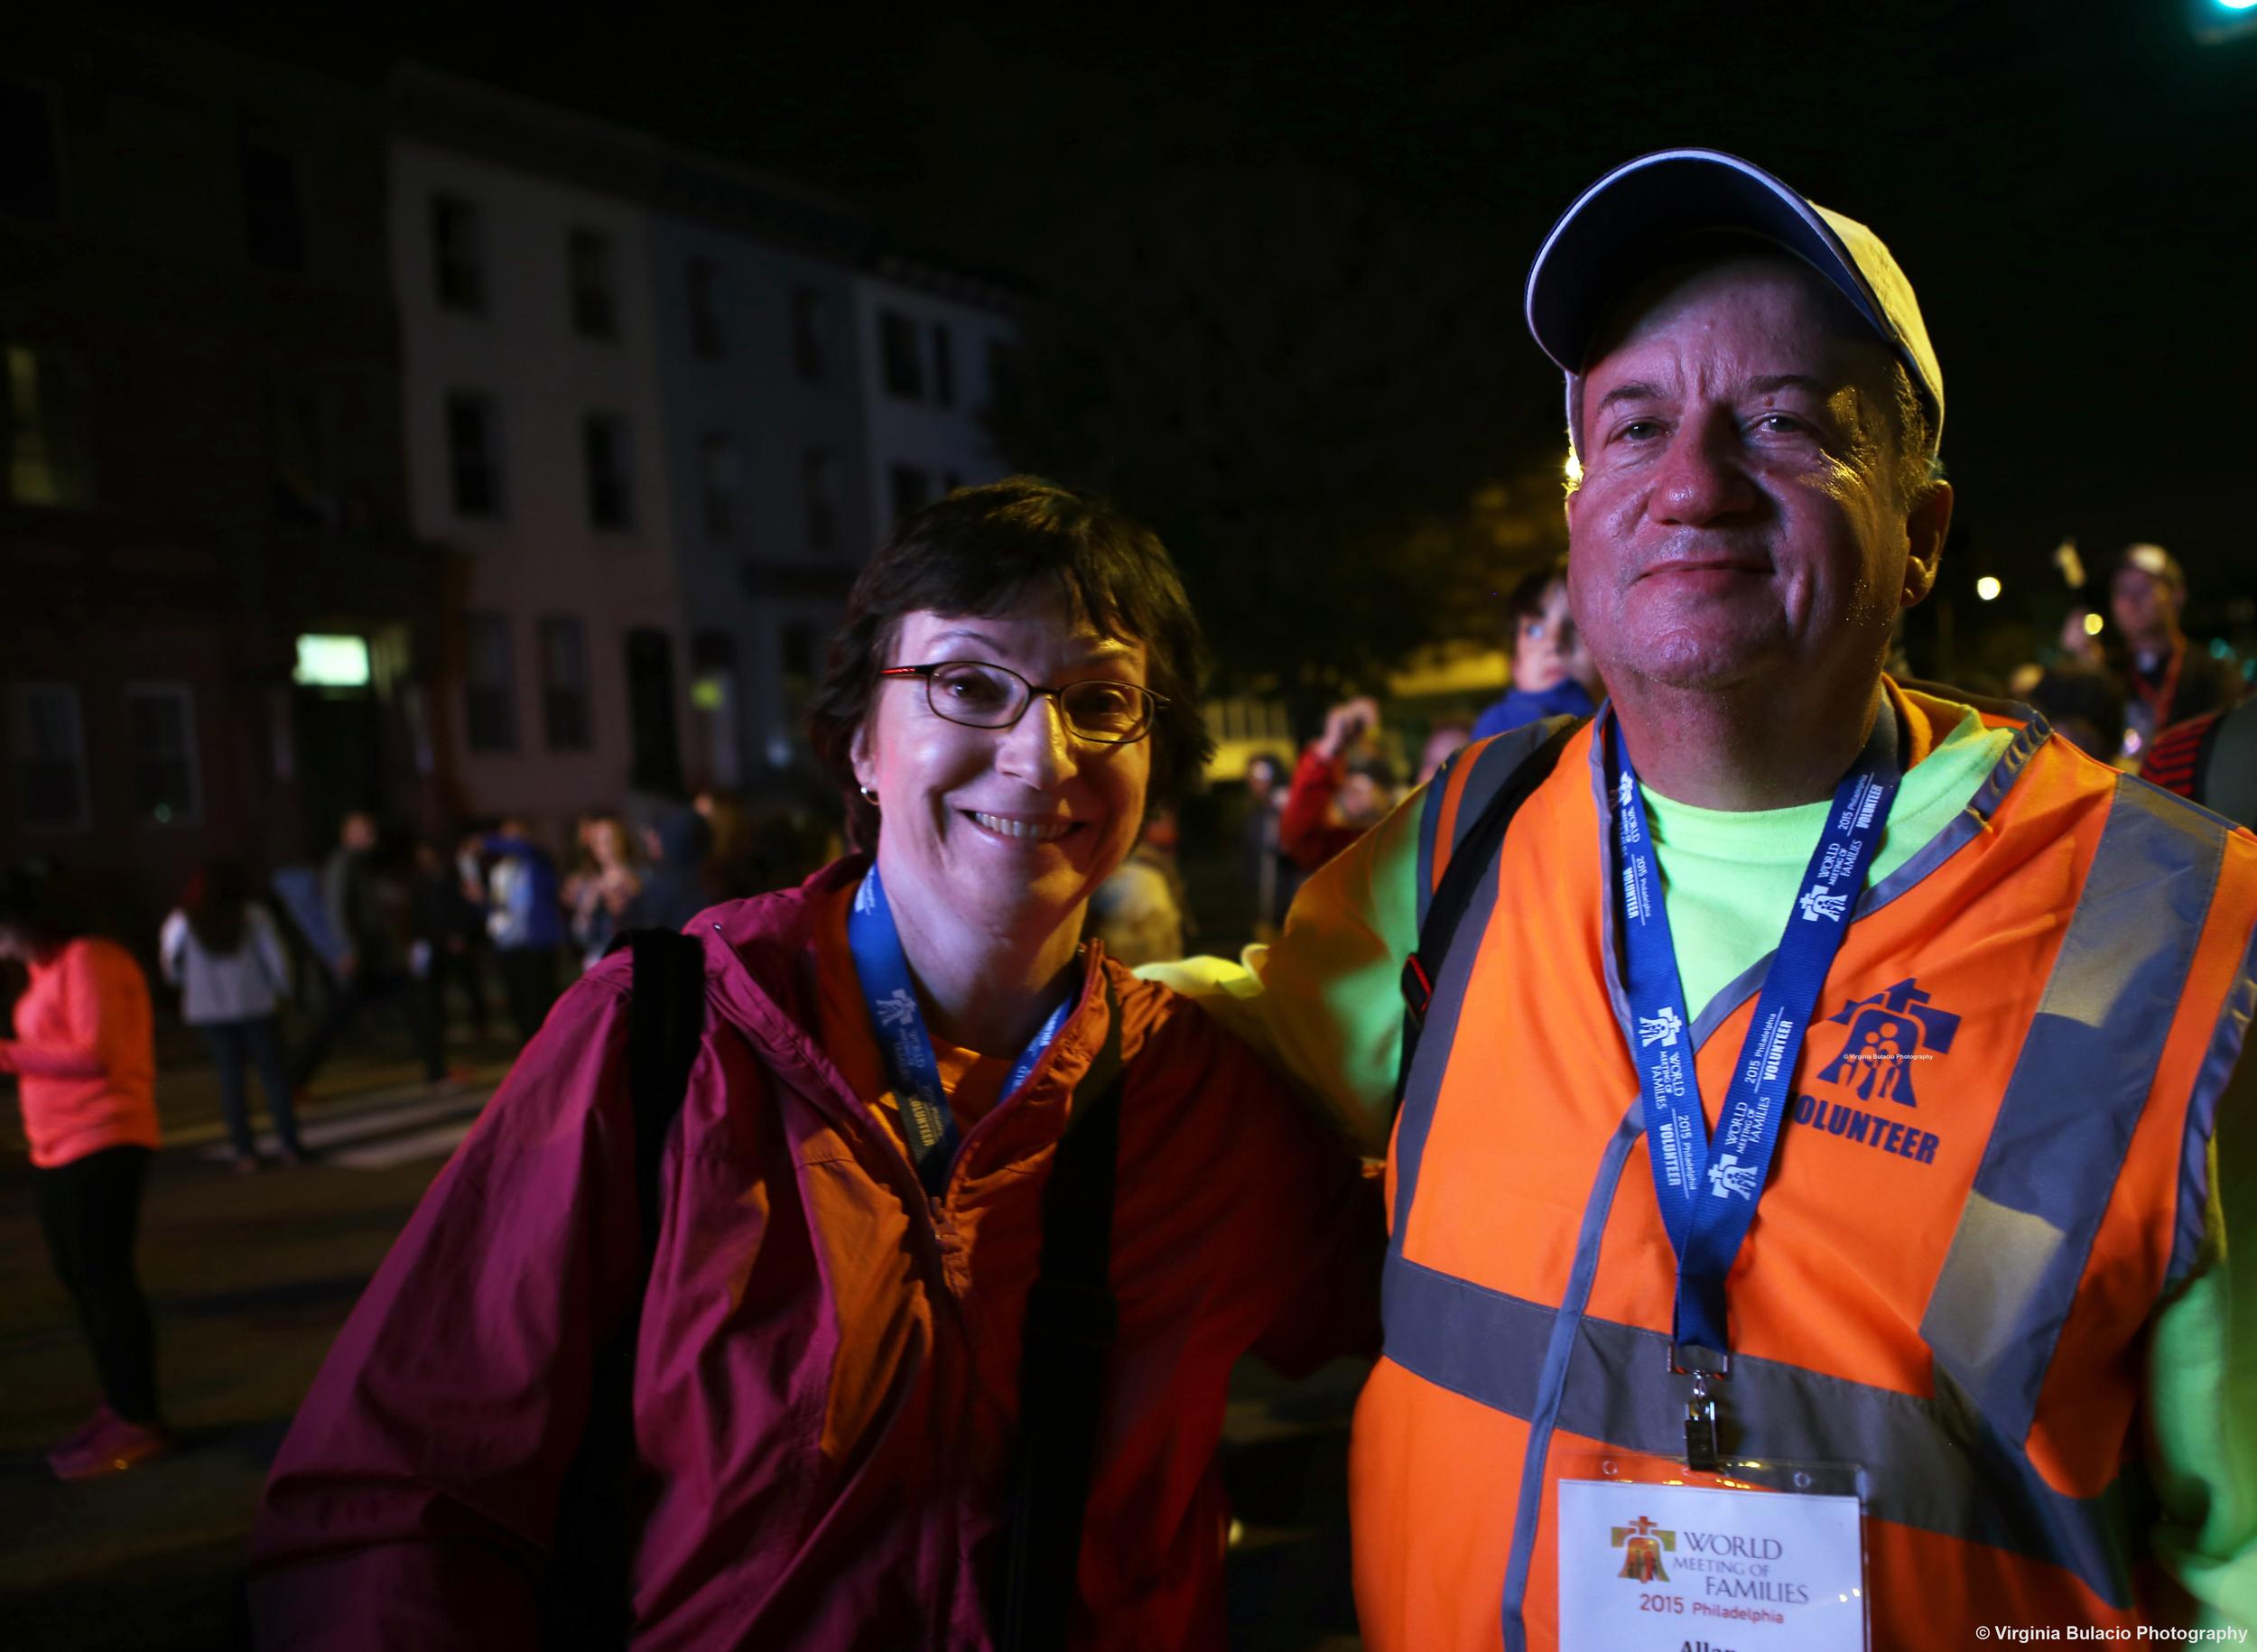 Theresa Casciato (izquierda) y uno de los capitanes de voluntarios Allan Costello, durante el Encuentro Mundial de las Familias en Filadelfia.